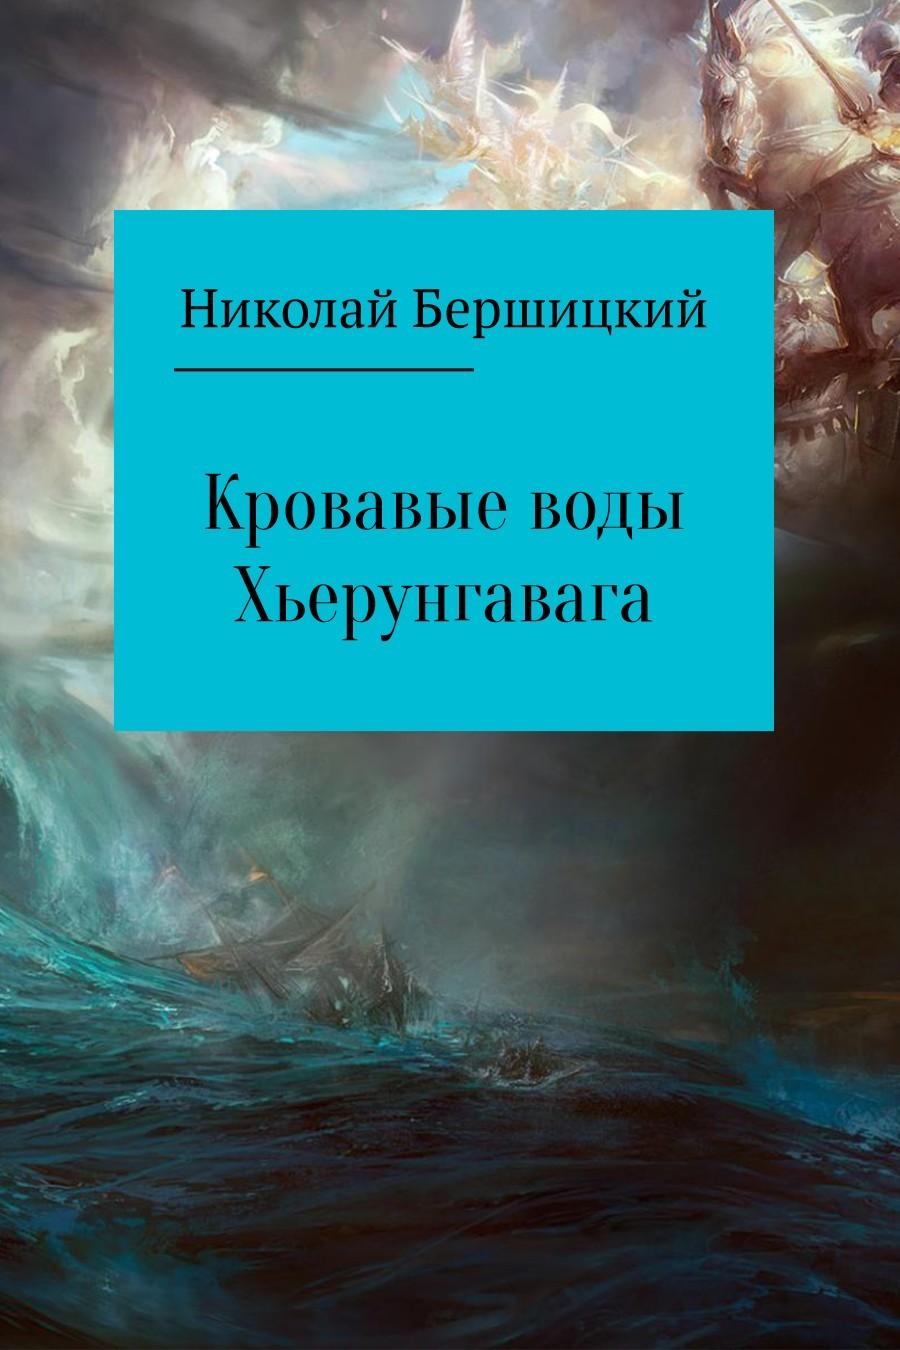 Николай Олегович Бершицкий. Кровавые воды Хьерунгавага